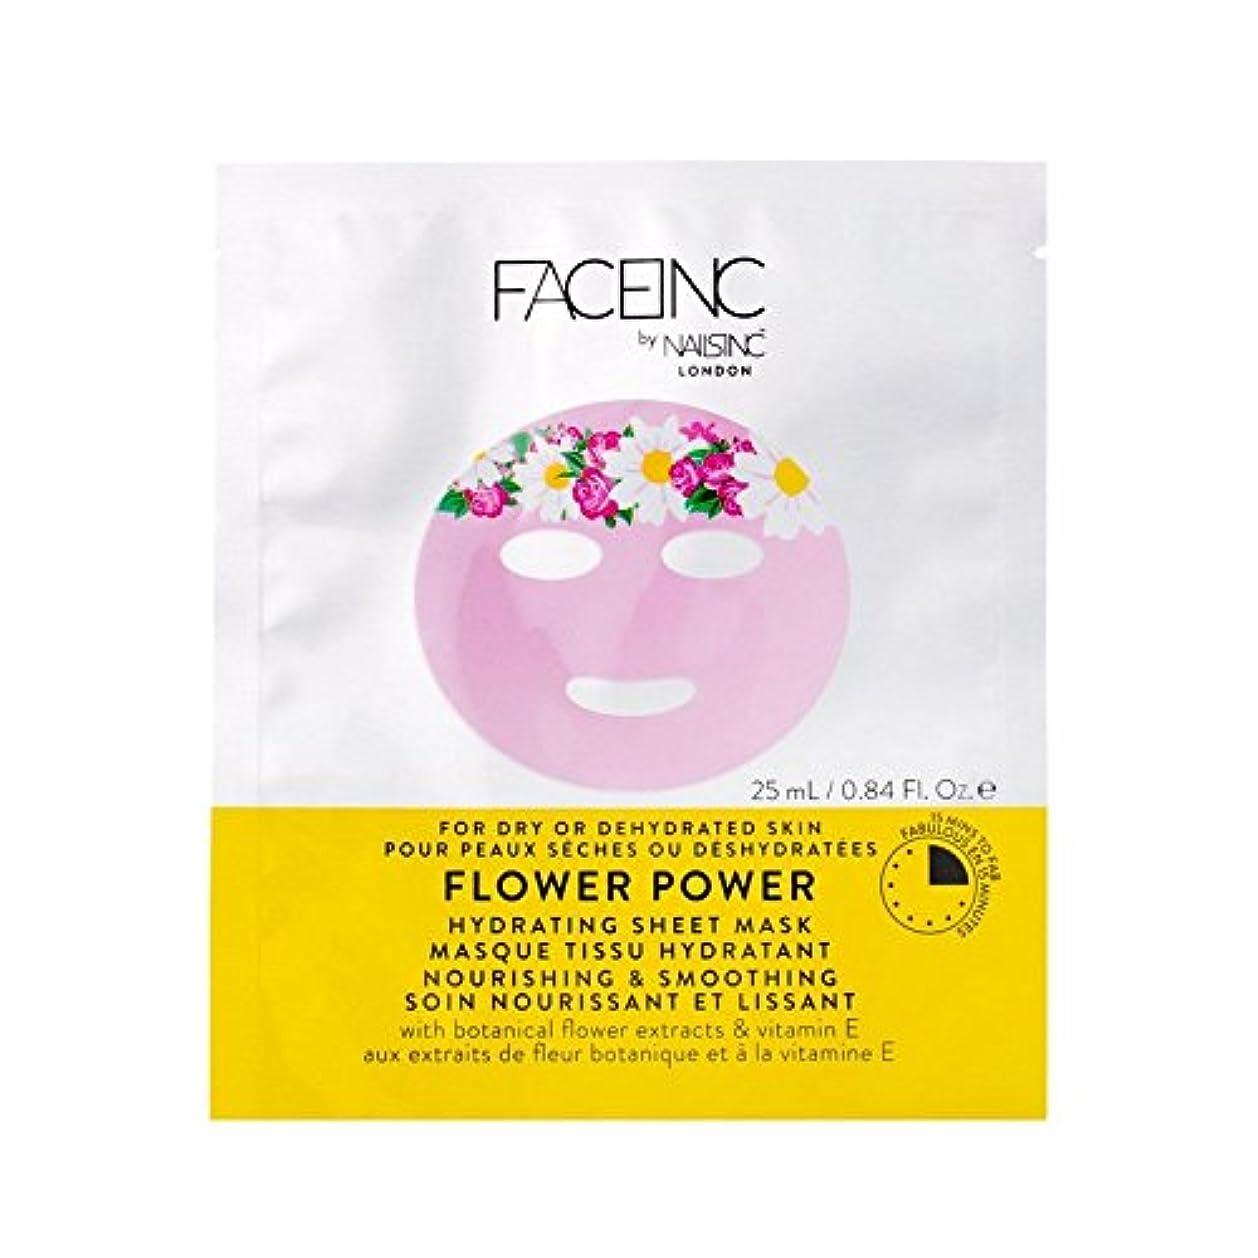 ディーラー報酬有効化Nails Inc. Face Inc Flower Power Mask (Pack of 6) - 爪が株式会社顔株式会社花のパワーマスク x6 [並行輸入品]